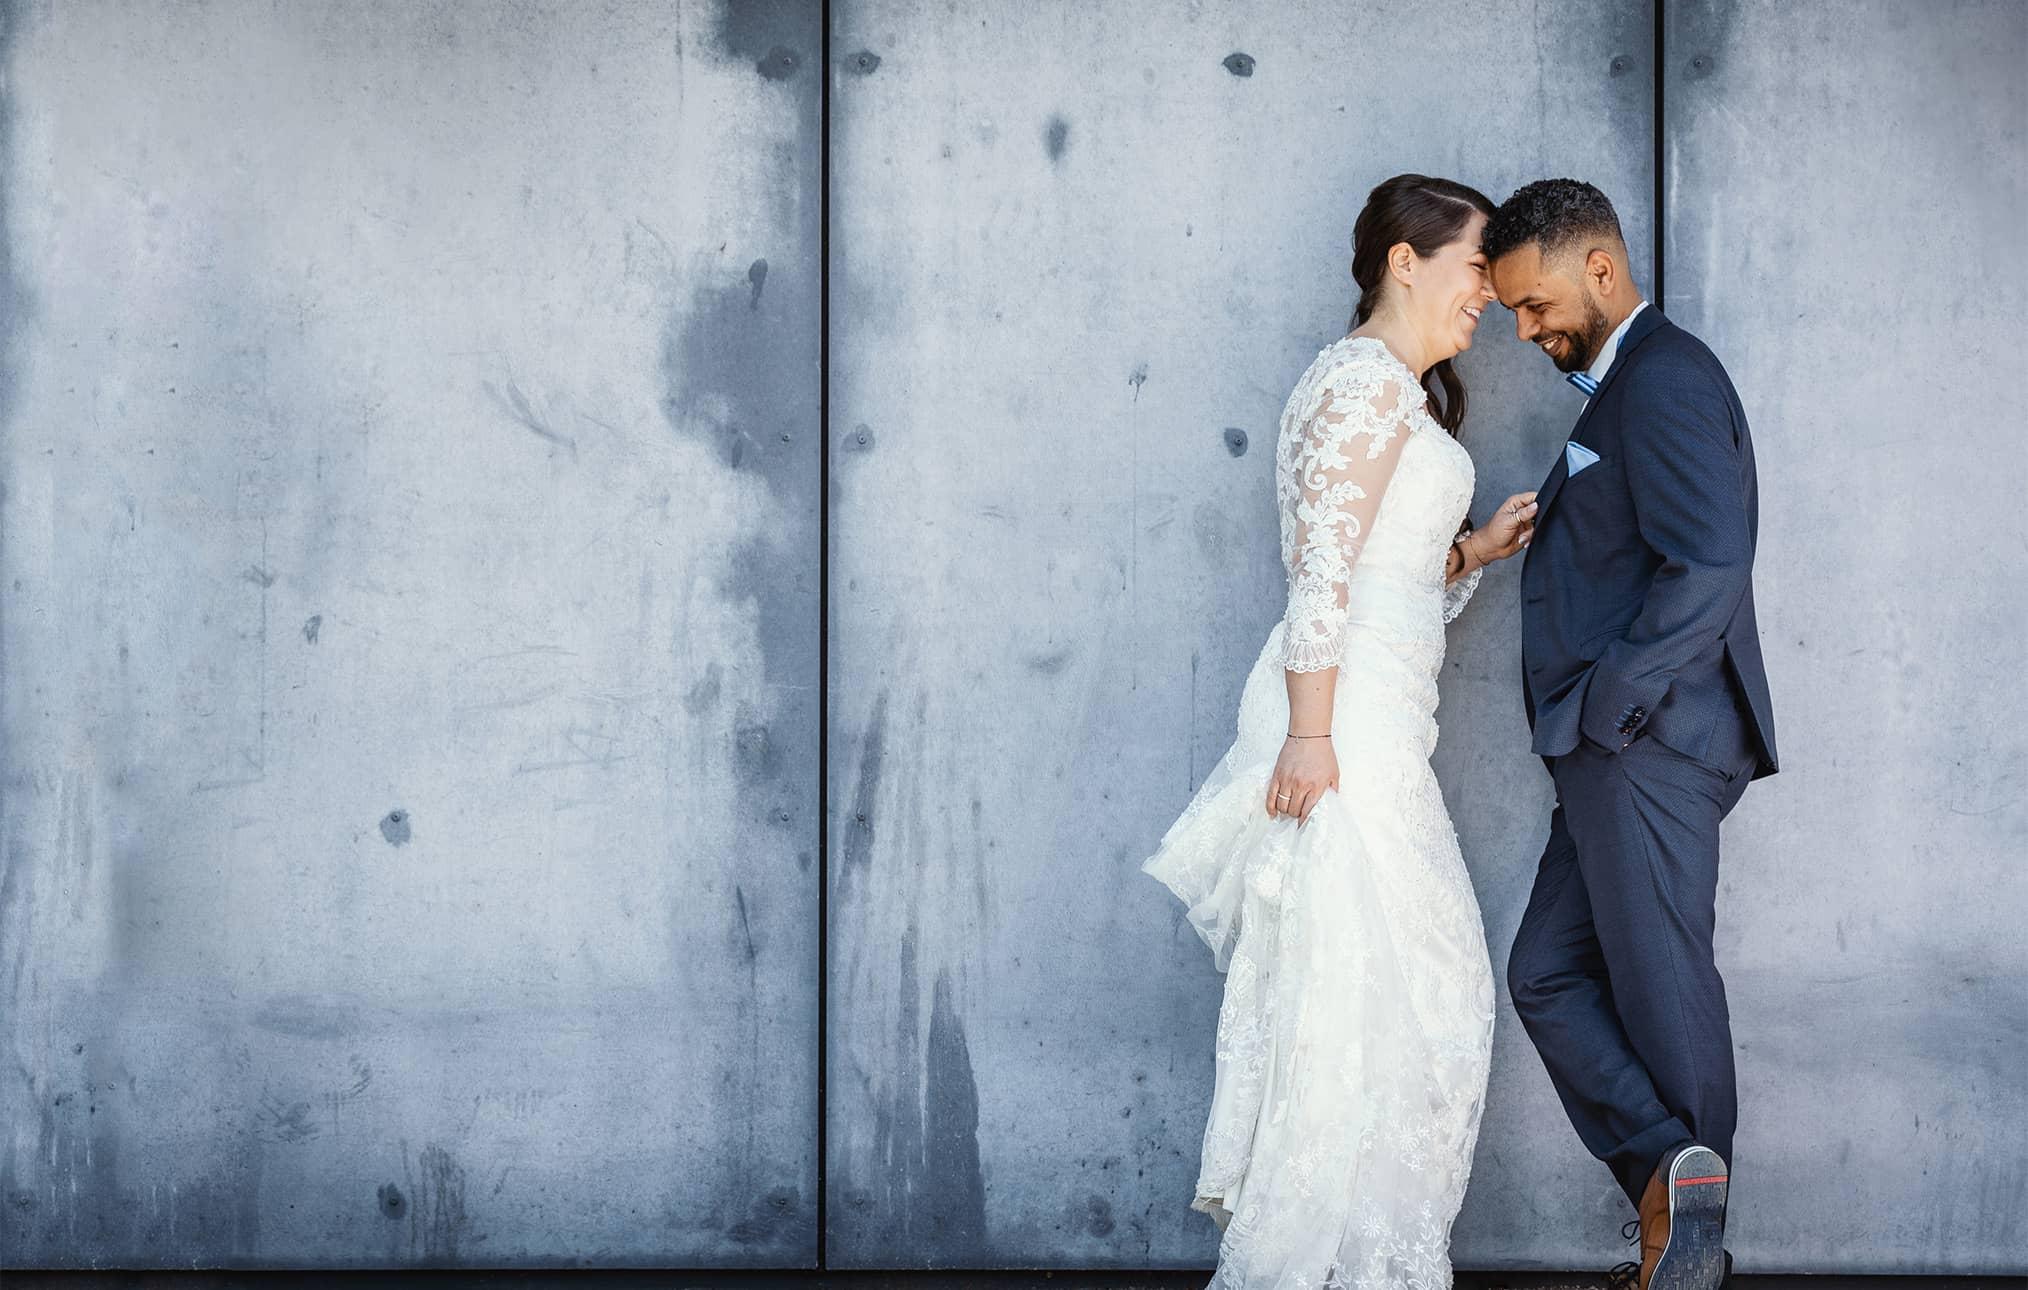 b-hochzeitsfotograf-dachau-hochzeitsfotos-beton-brautpaar-hochzeitskleid.jpg